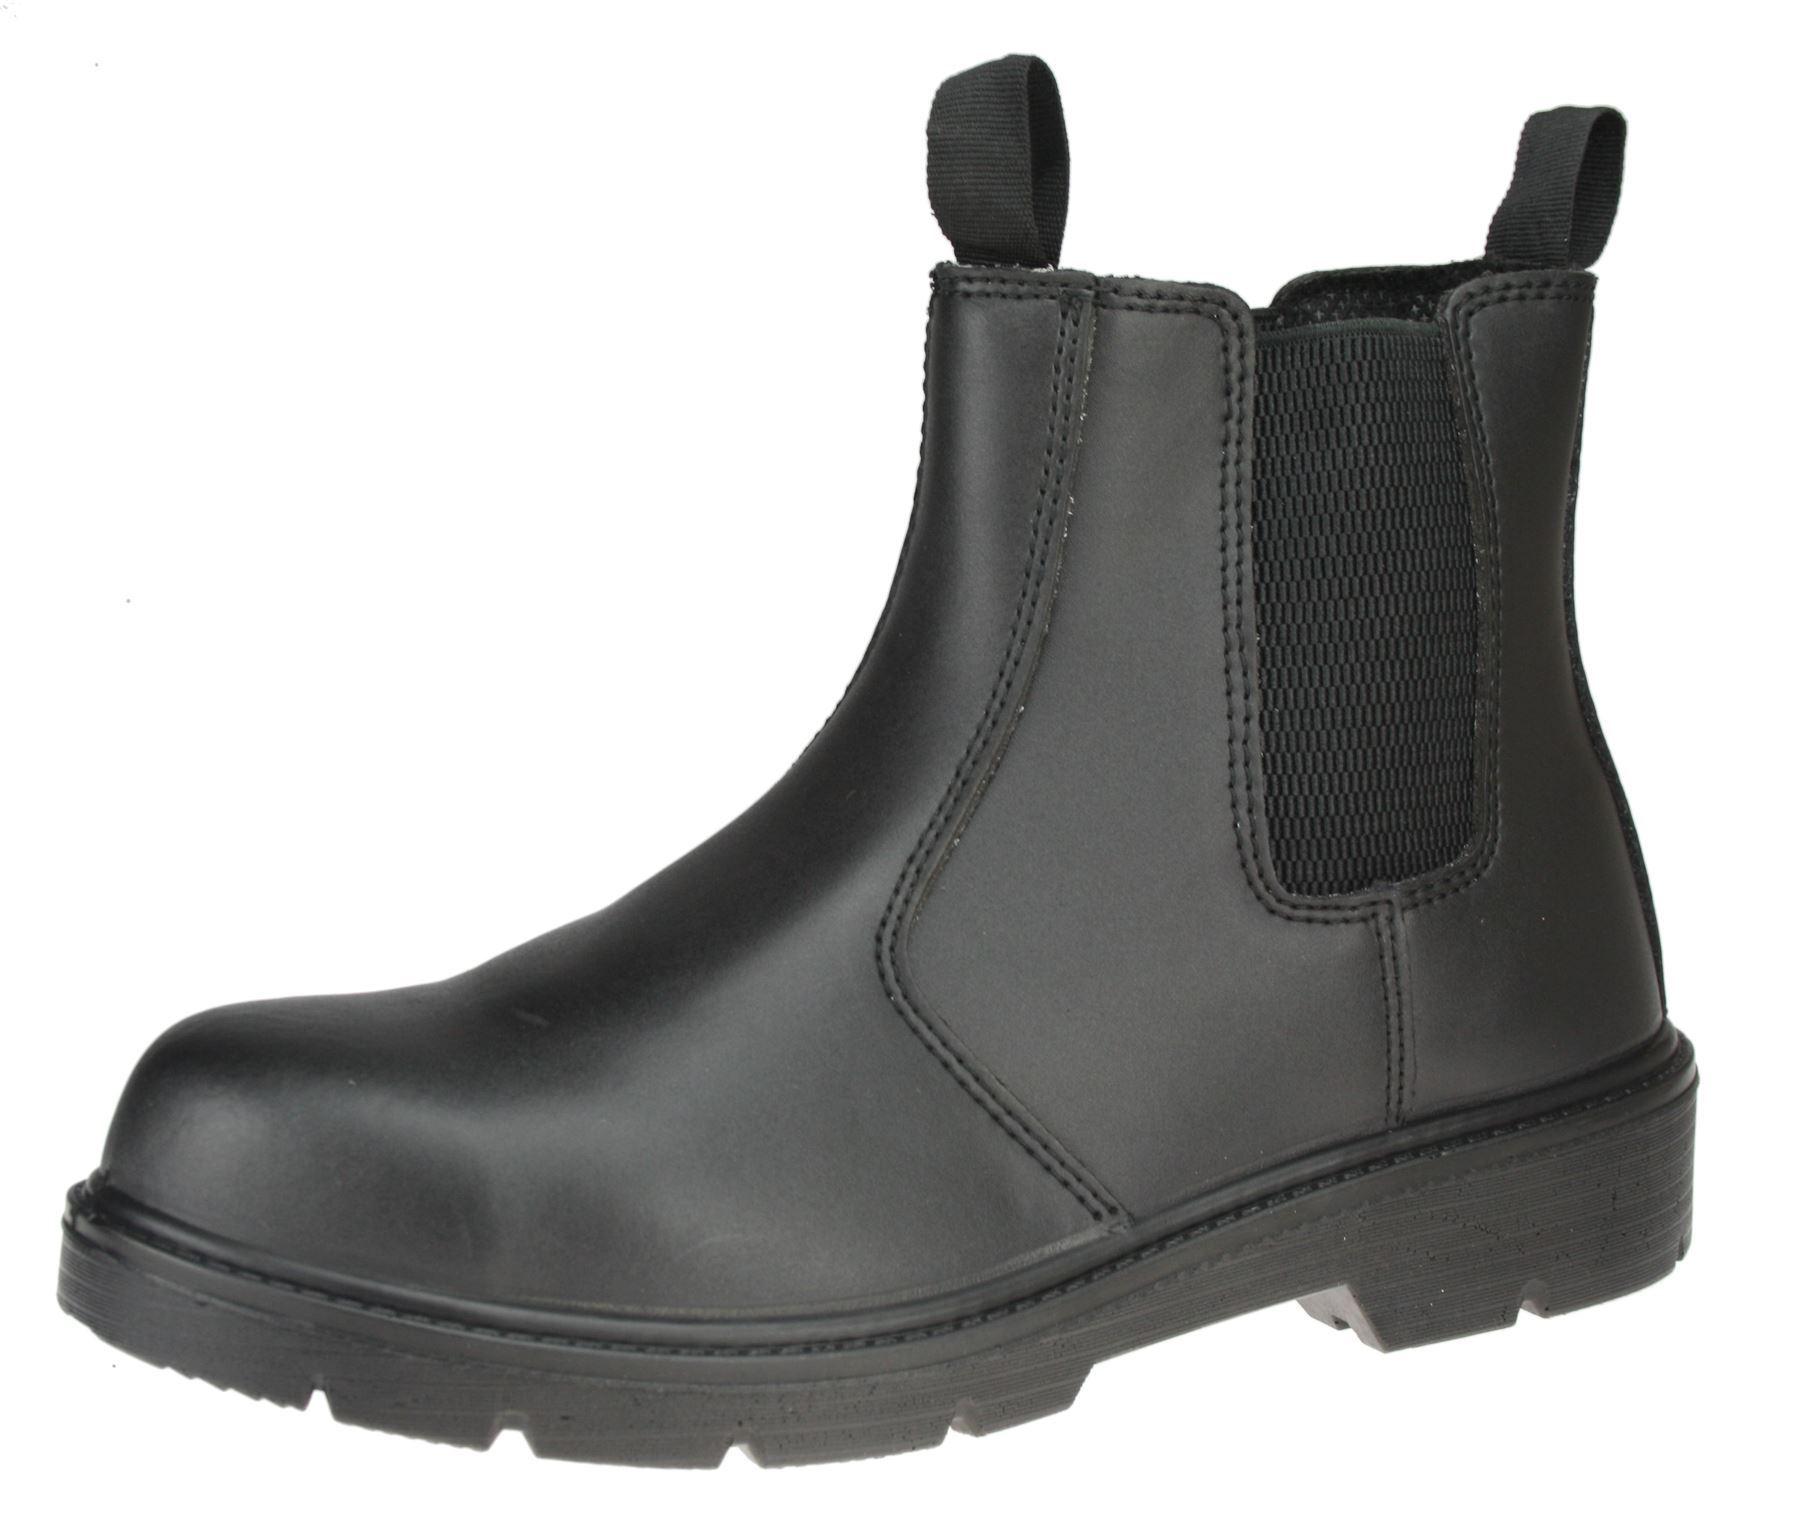 ET Safety I0020 Chelsea Nero Mocassini in Pelle Sicurezza Lavoro Caviglia Stivali